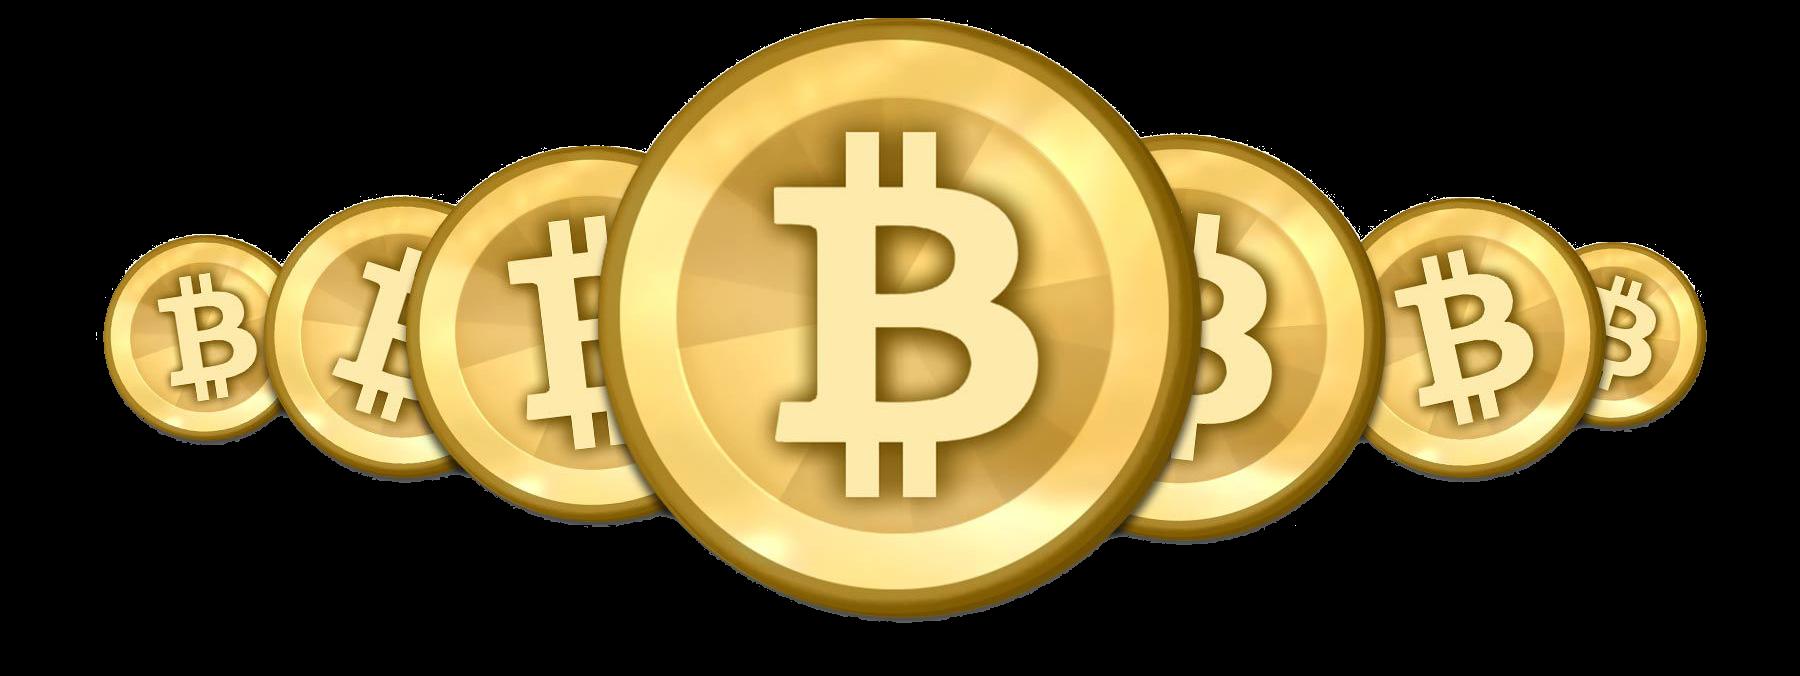 Криптовалюты, новости, биткоин, ICO, майнинг, кошельки